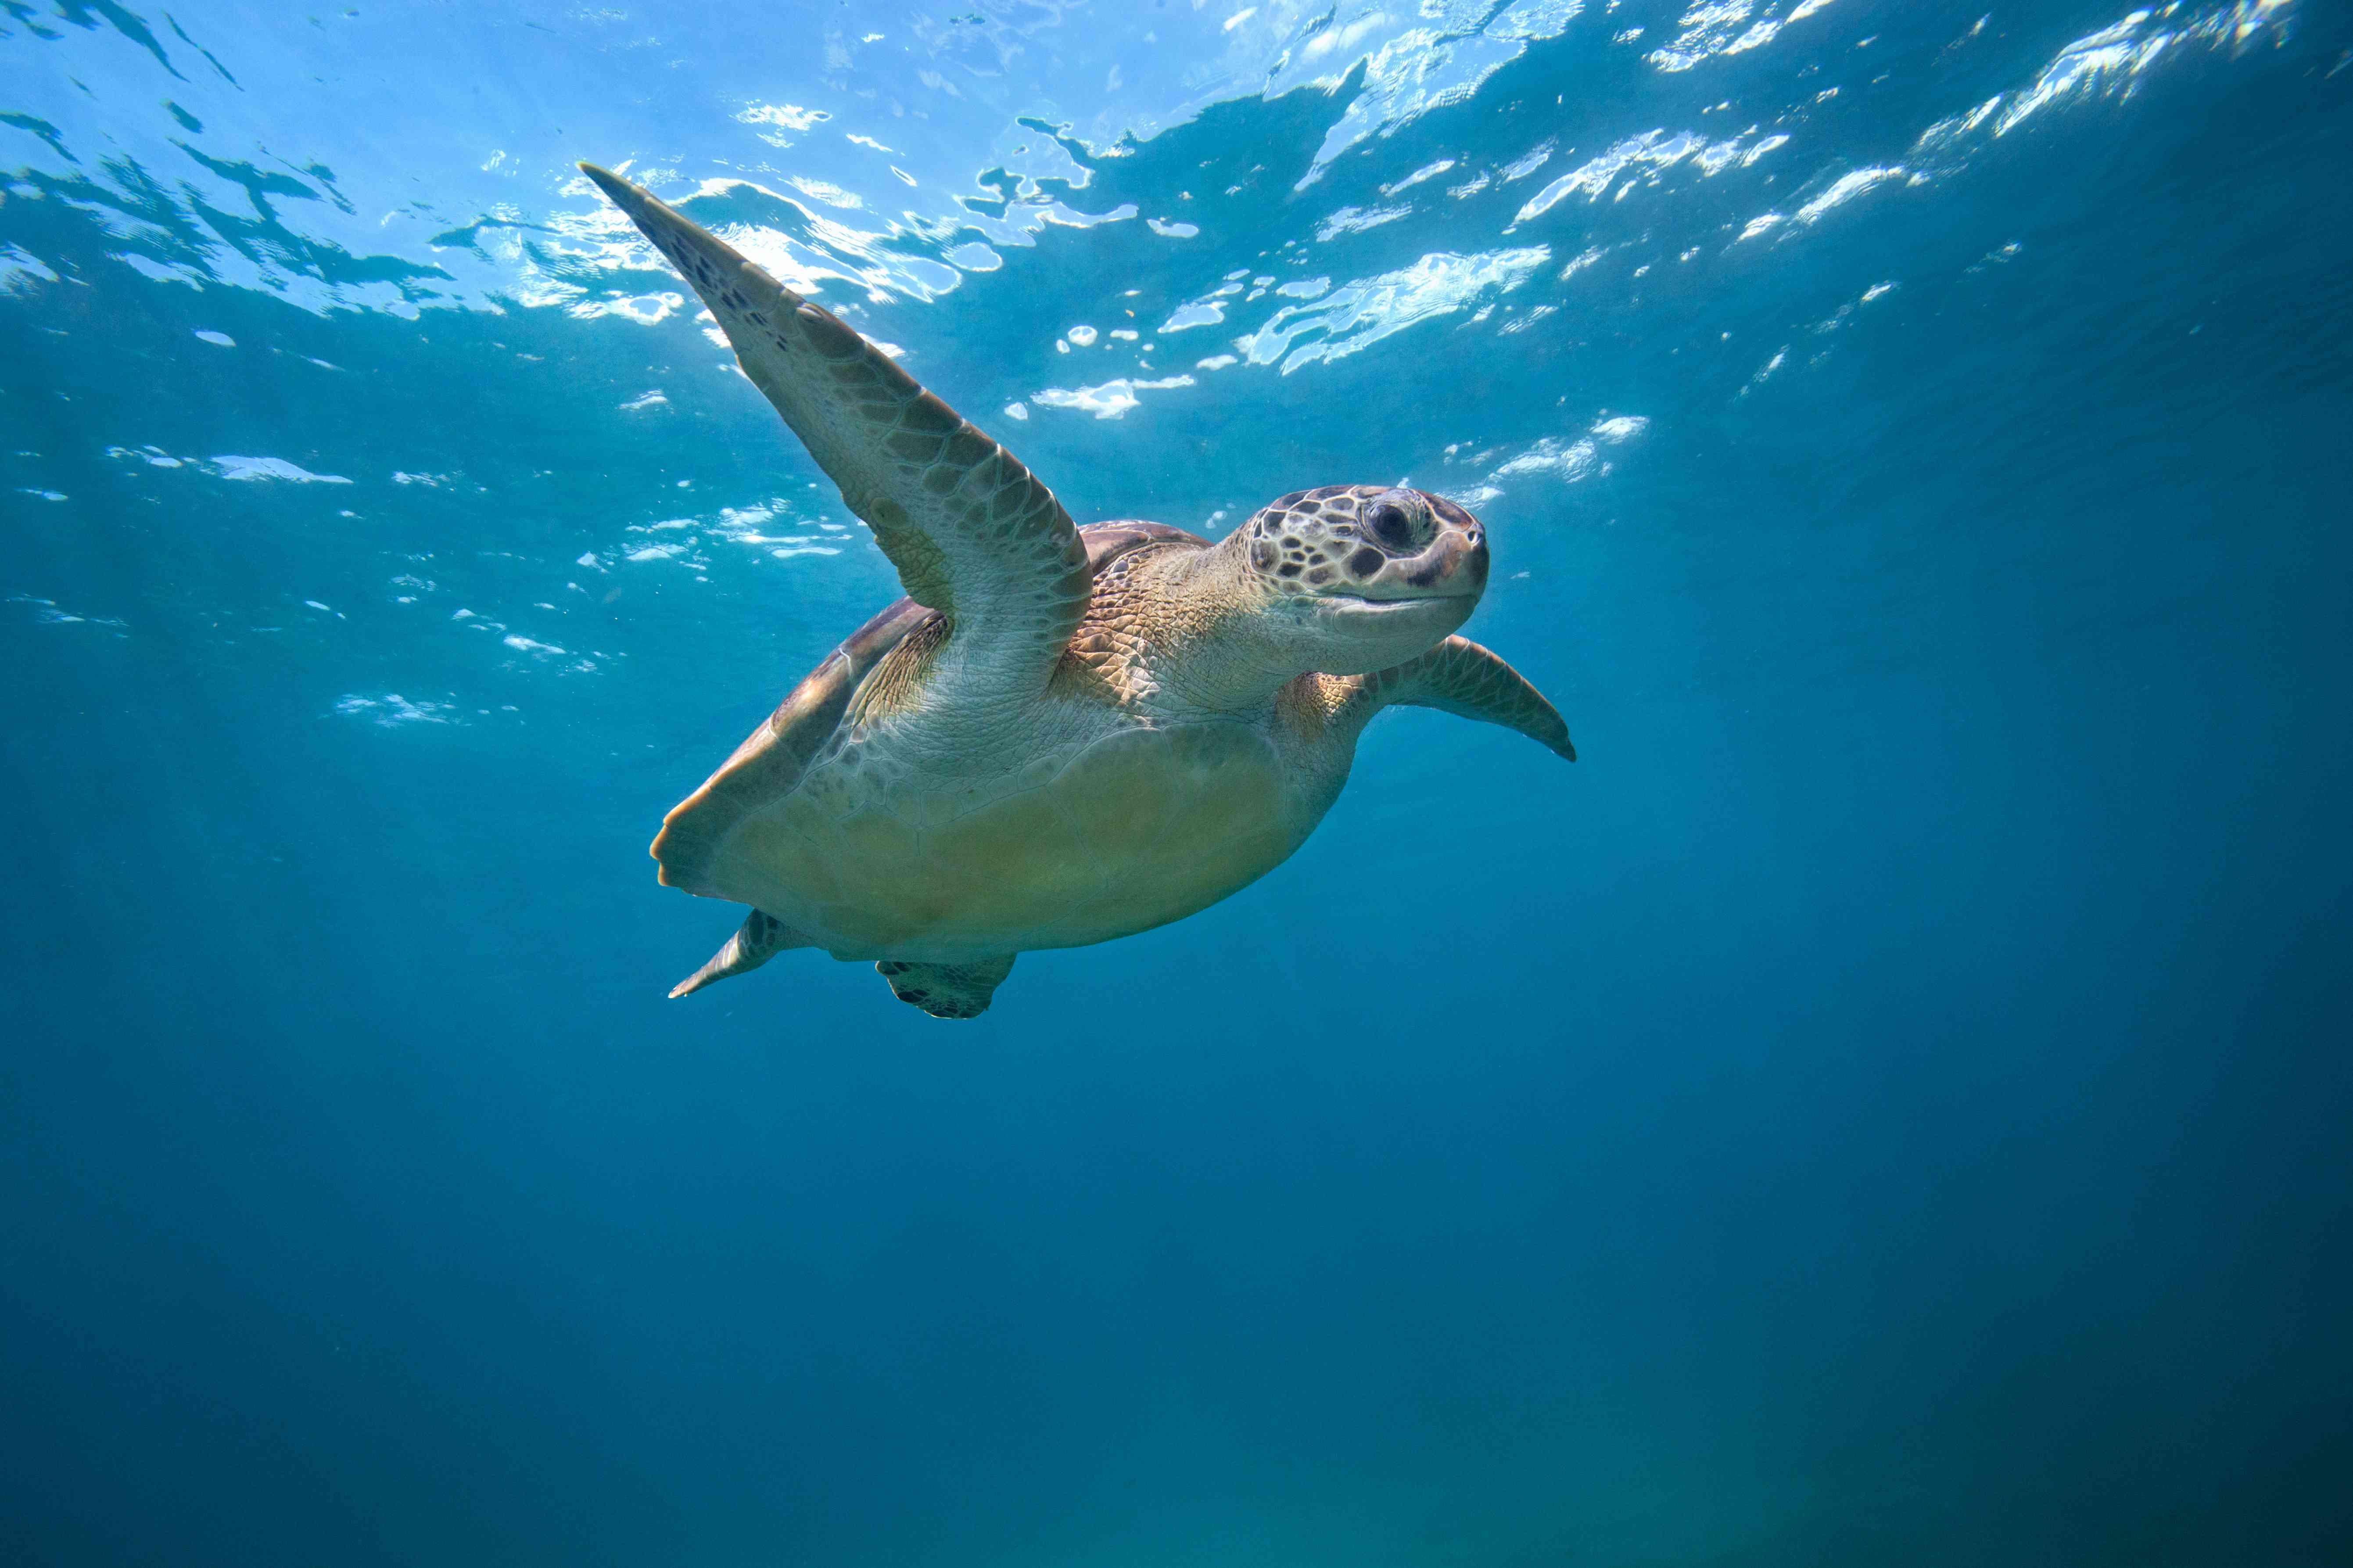 Green Sea Turtle swimming mid water